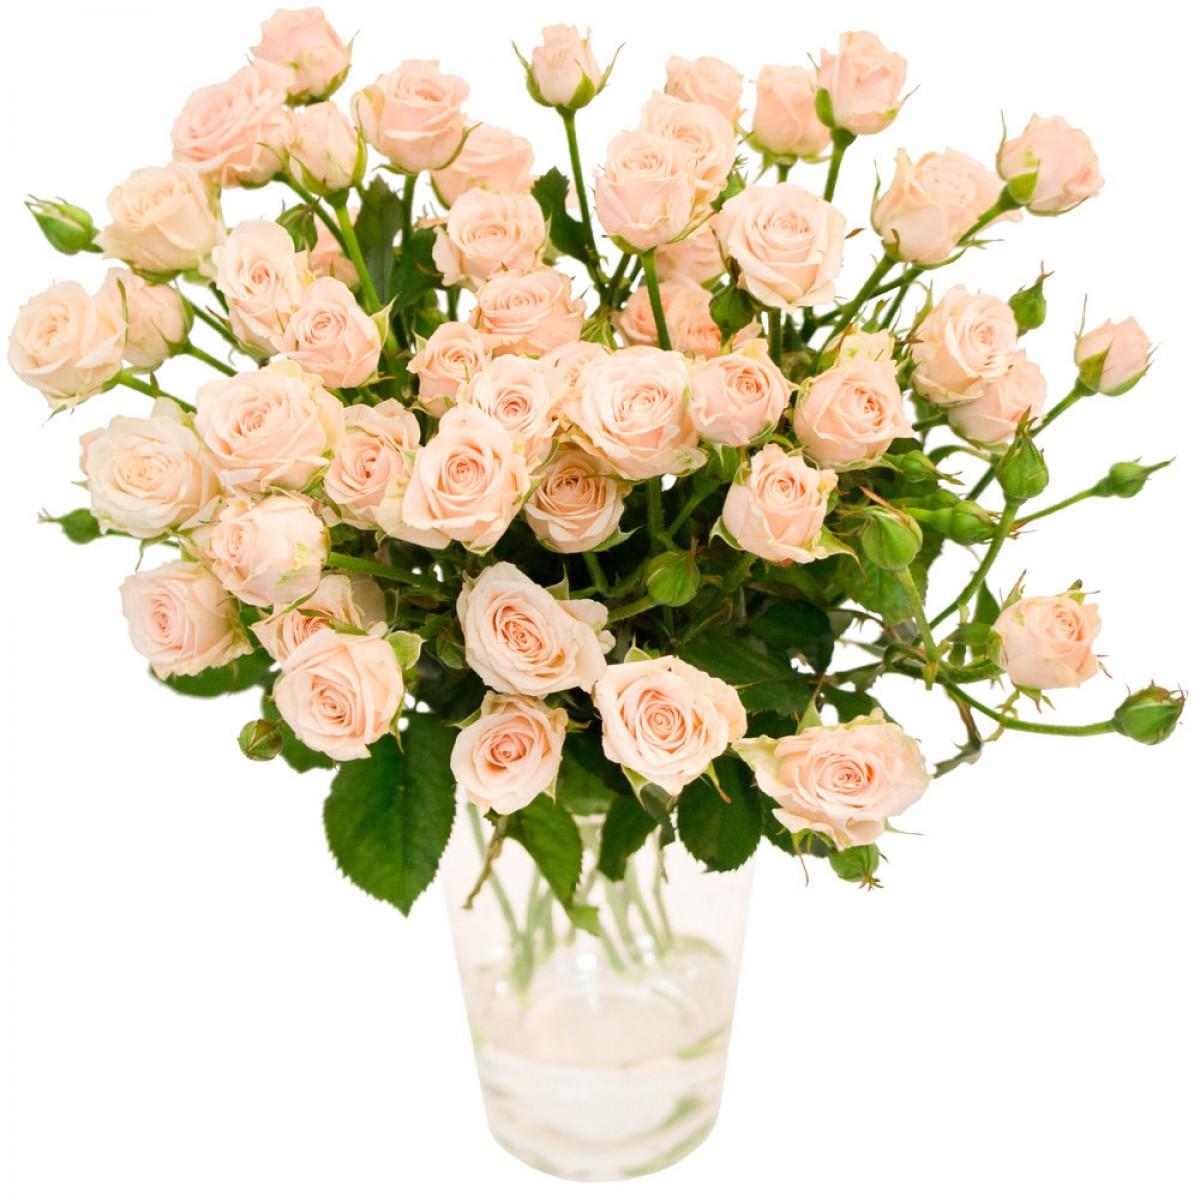 Букет от 15 до 25 кремави спрей рози (ти избираш броя)